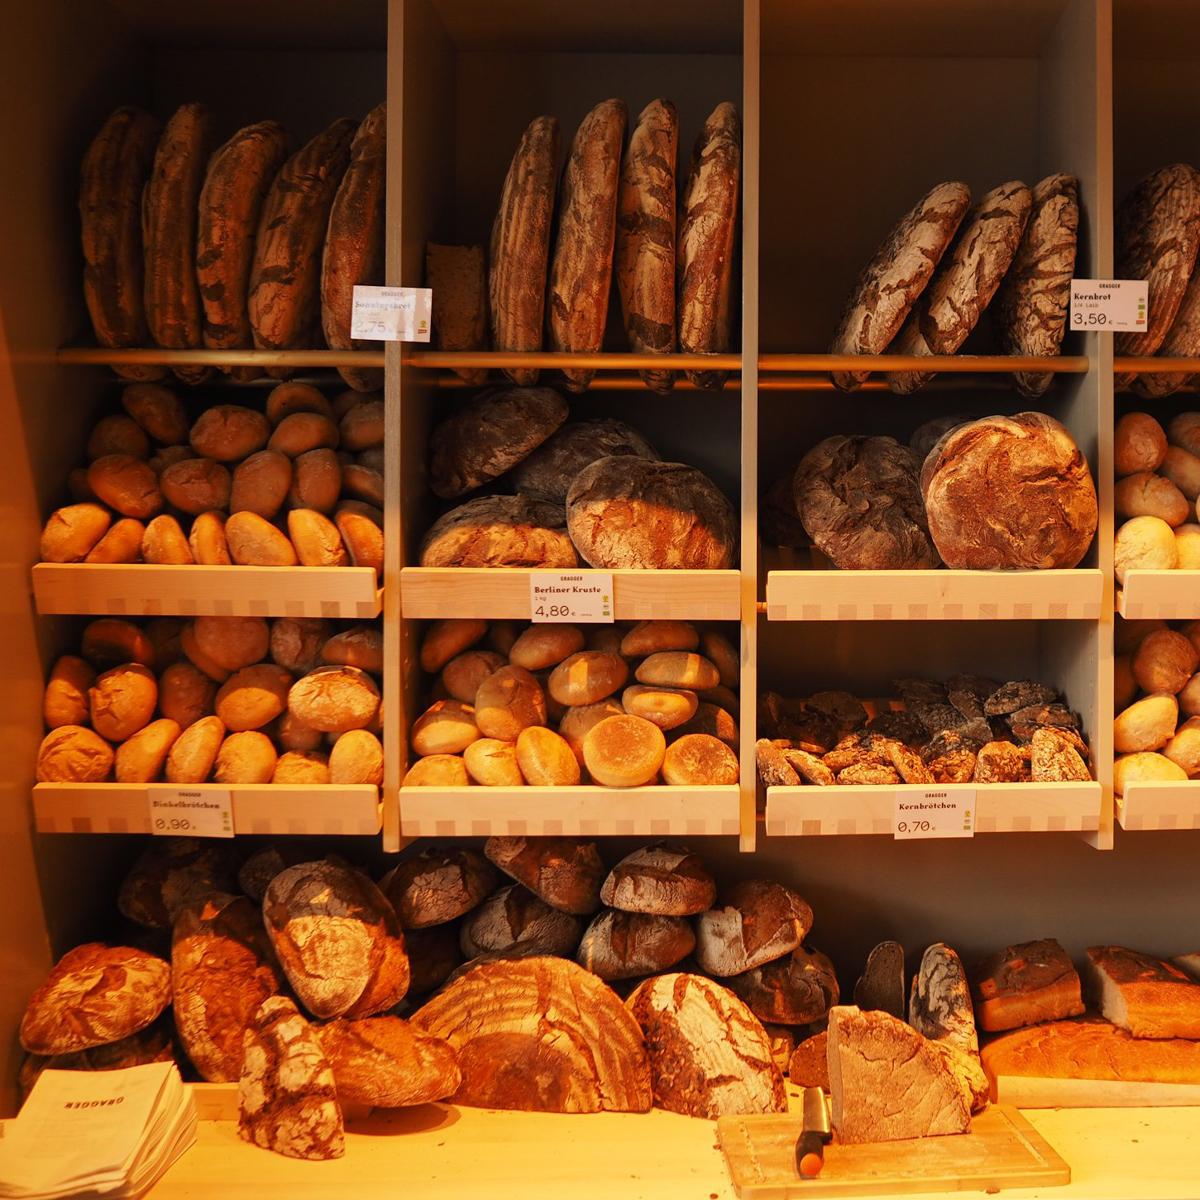 Bäckerei Gragger Potsdamer Straße Berlin-4